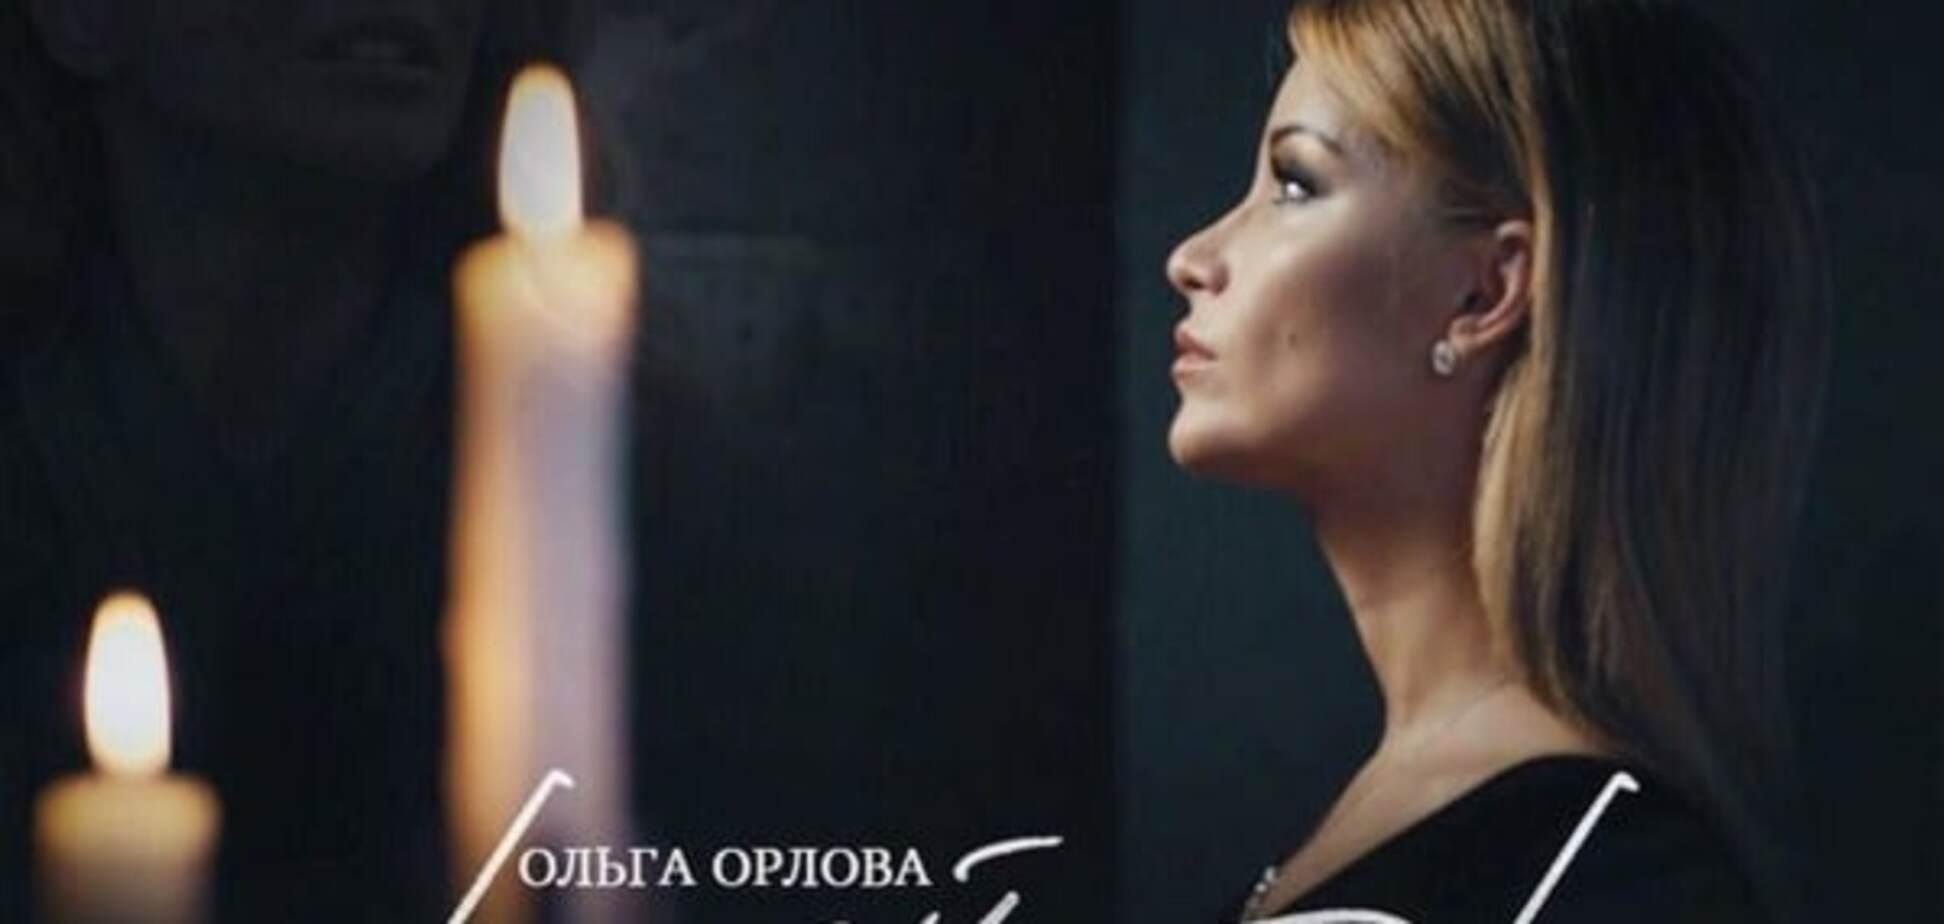 'Прощай, мой друг': Ольга Орлова презентовала трогательный клип